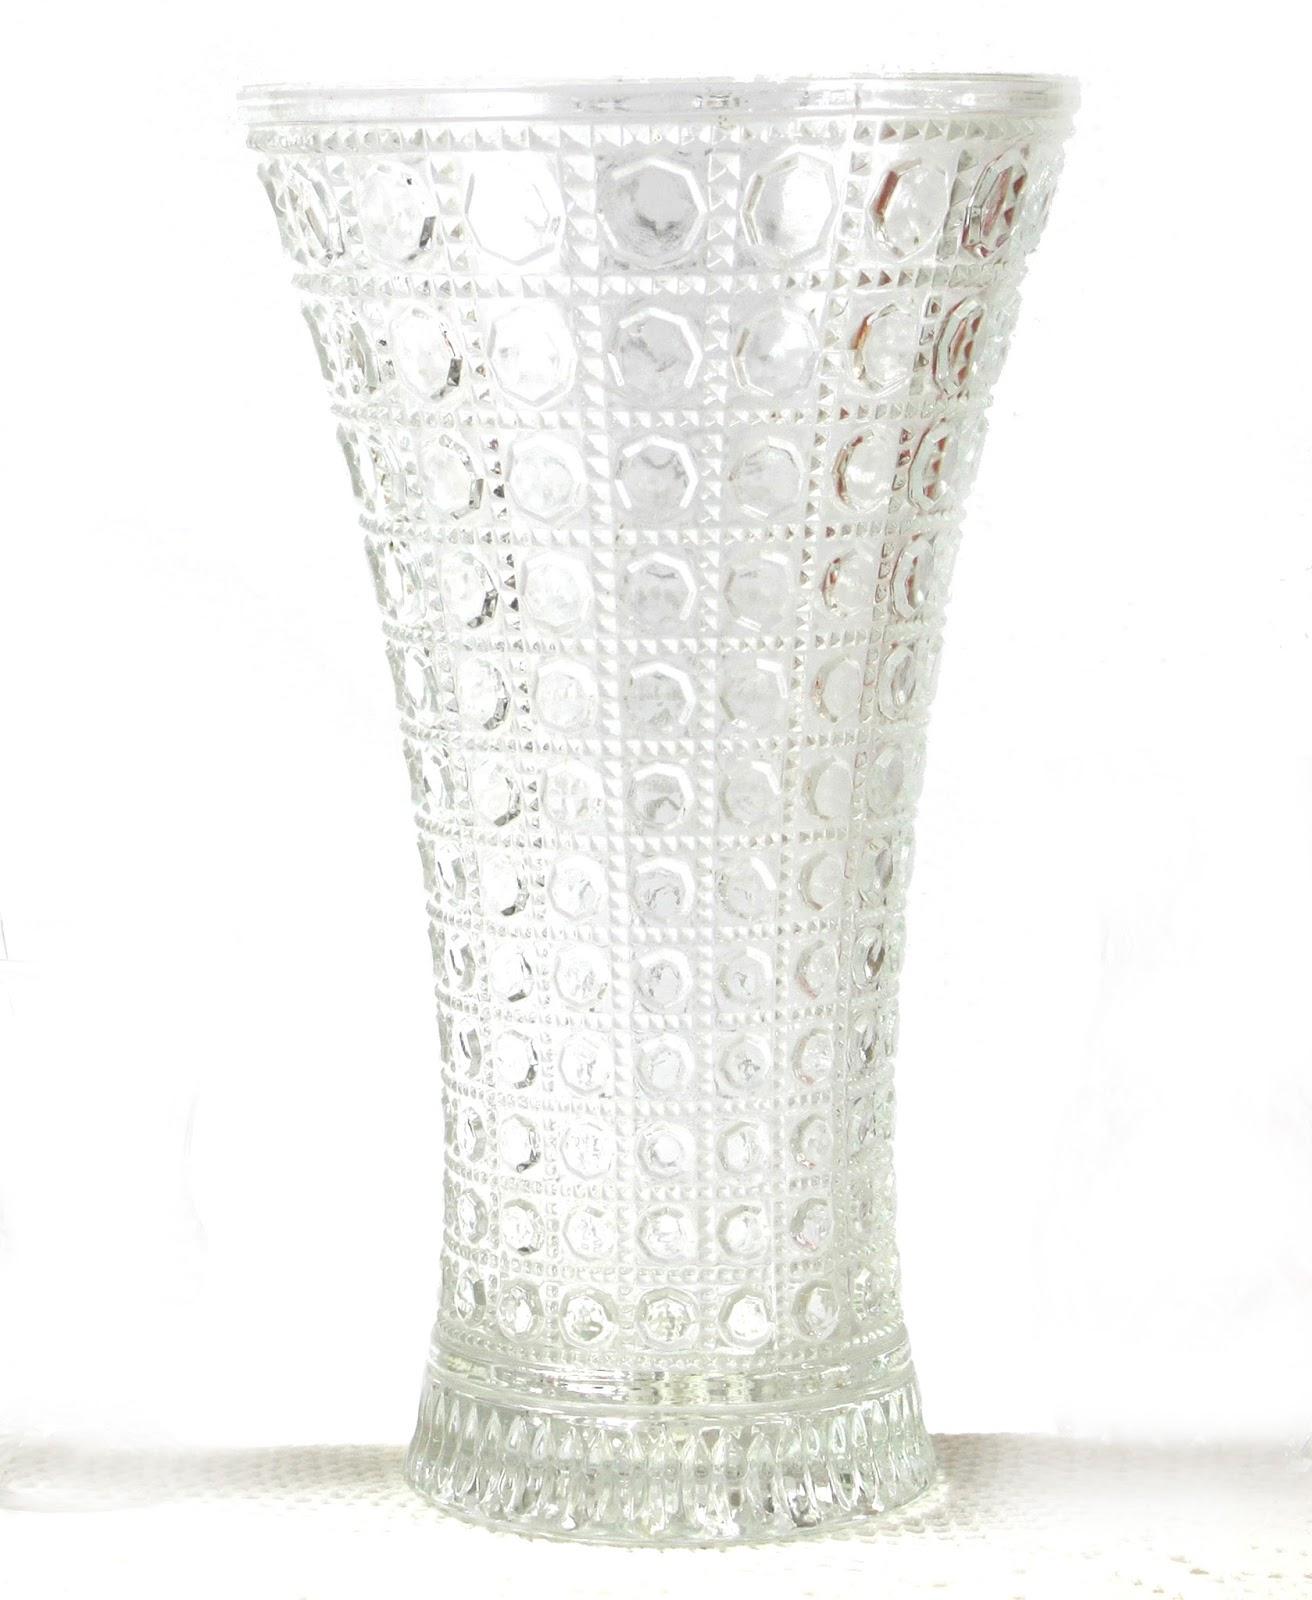 Little vintage days vases bottles and jars vintage cut glass large vase 30cm high reviewsmspy